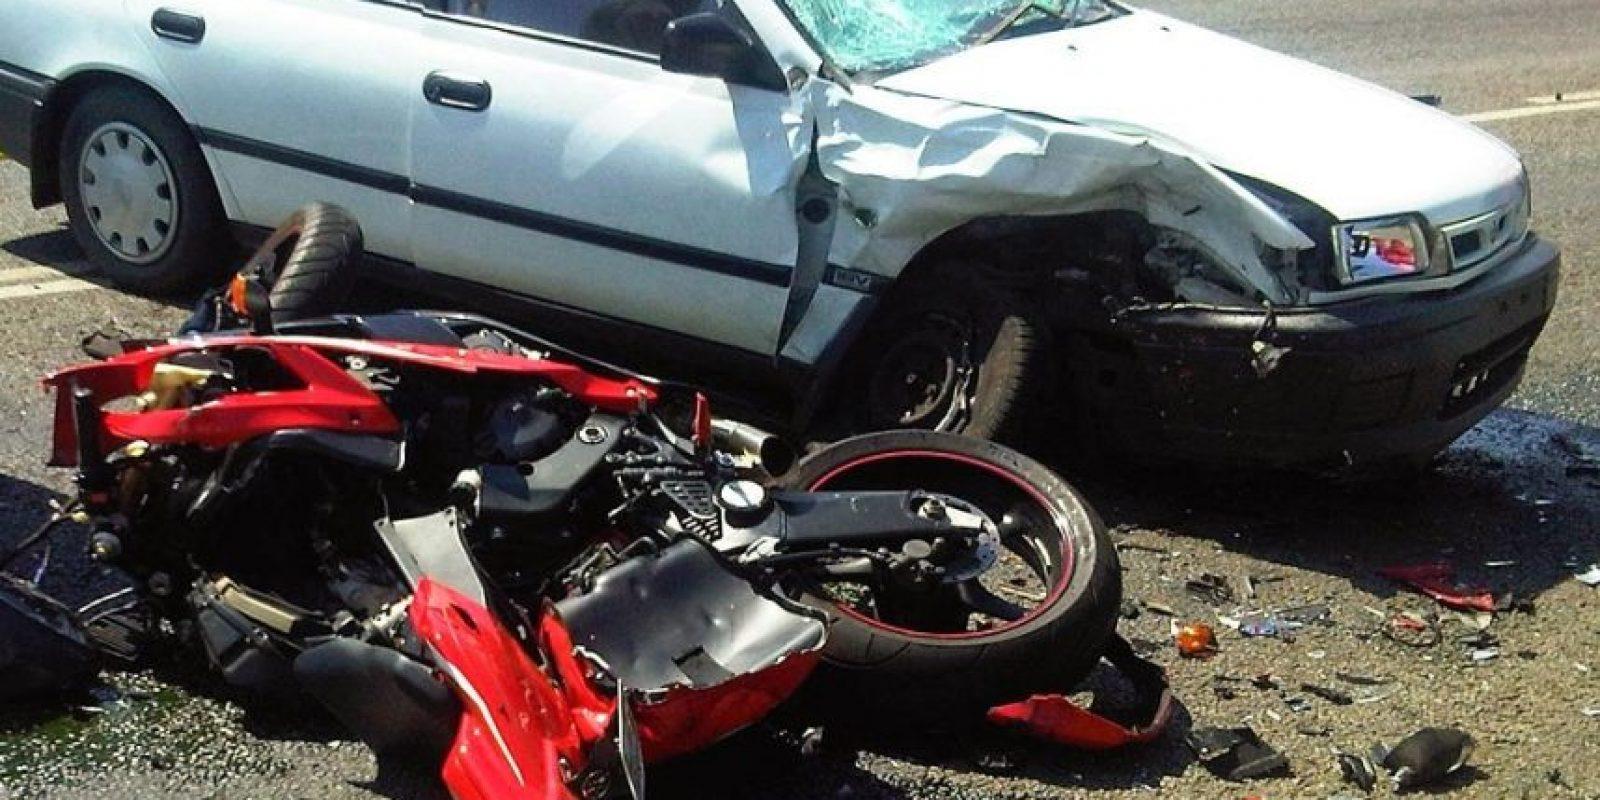 En el 85 % de los accidentes de tránsito en Semana Santa hay motocicletas involucradas.